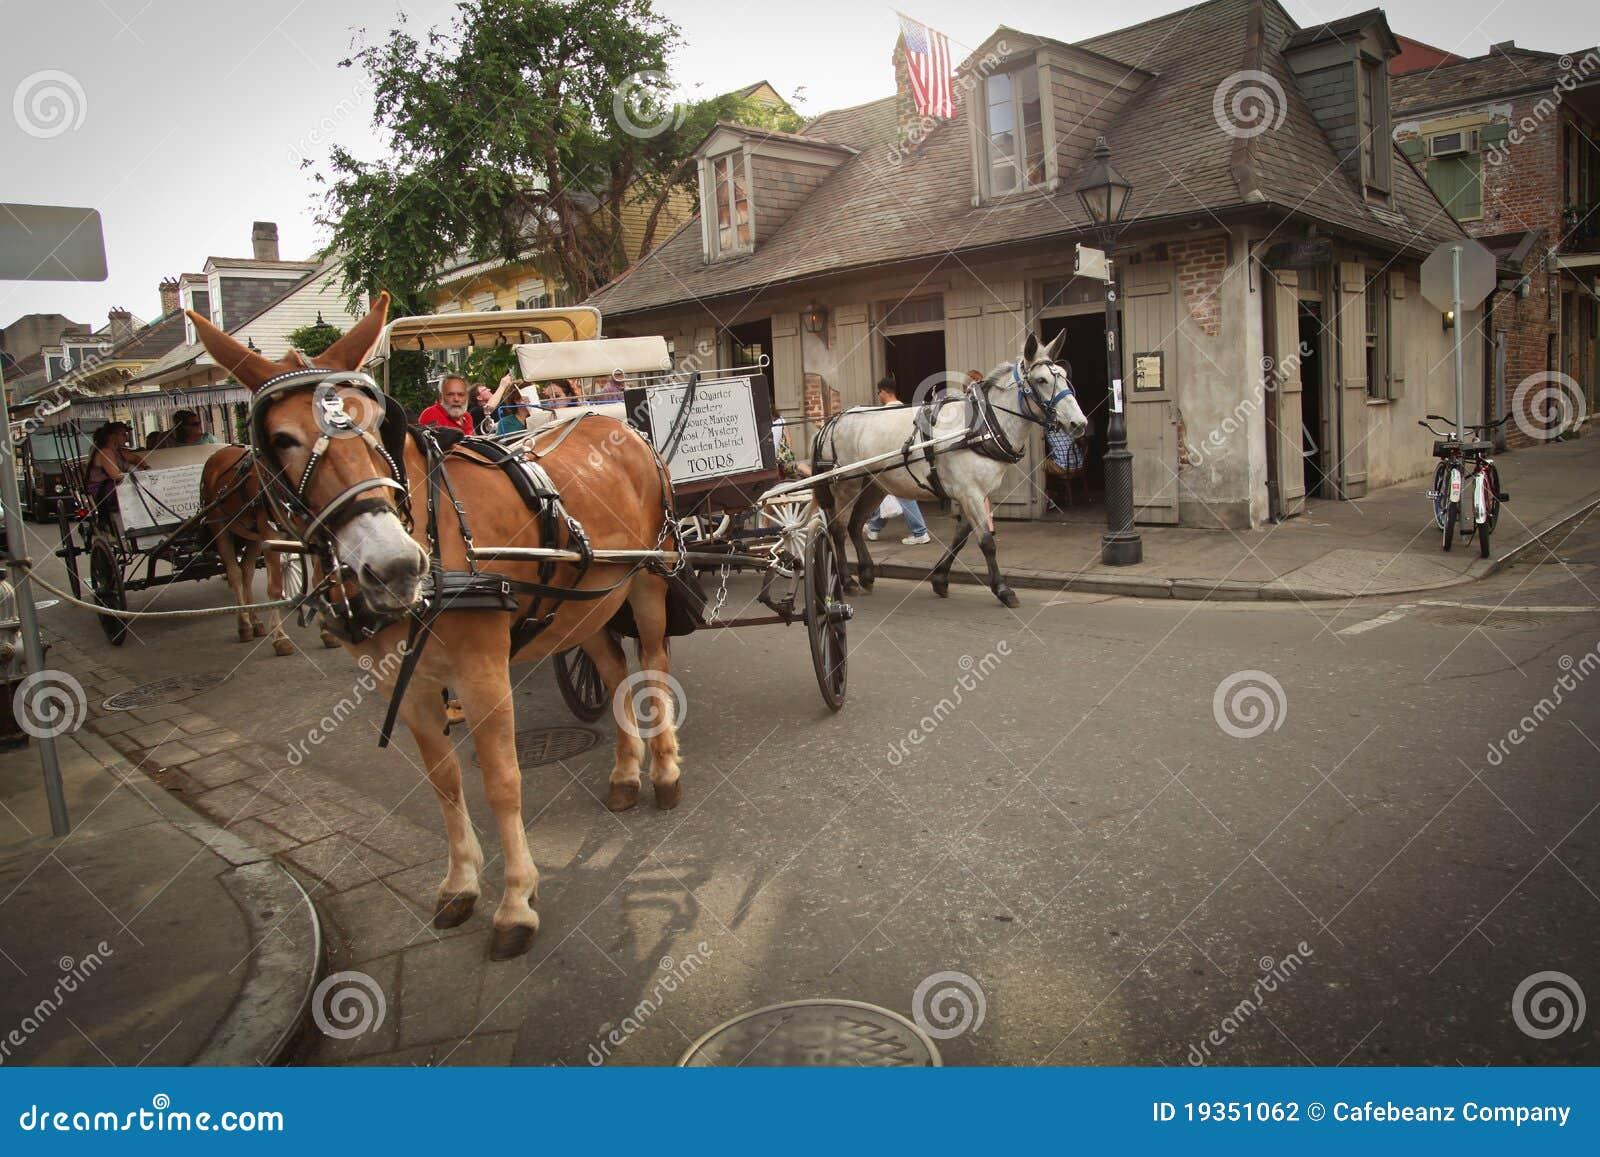 Nova Orleães - cena da rua